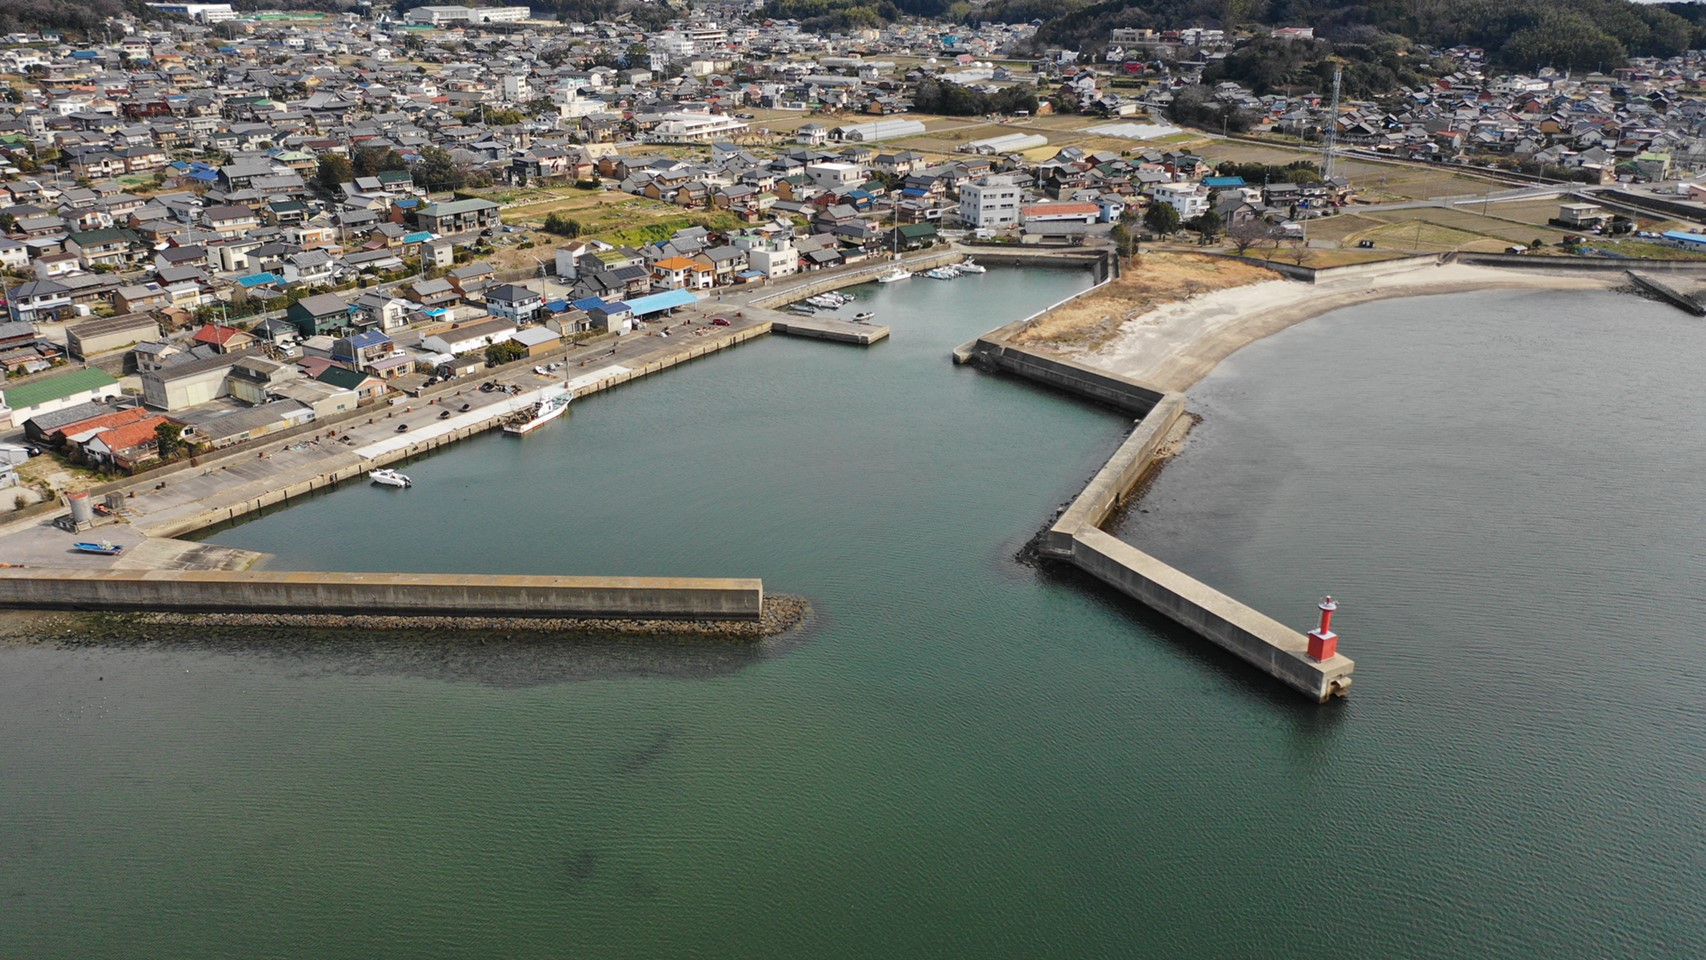 旧西幡豆漁港